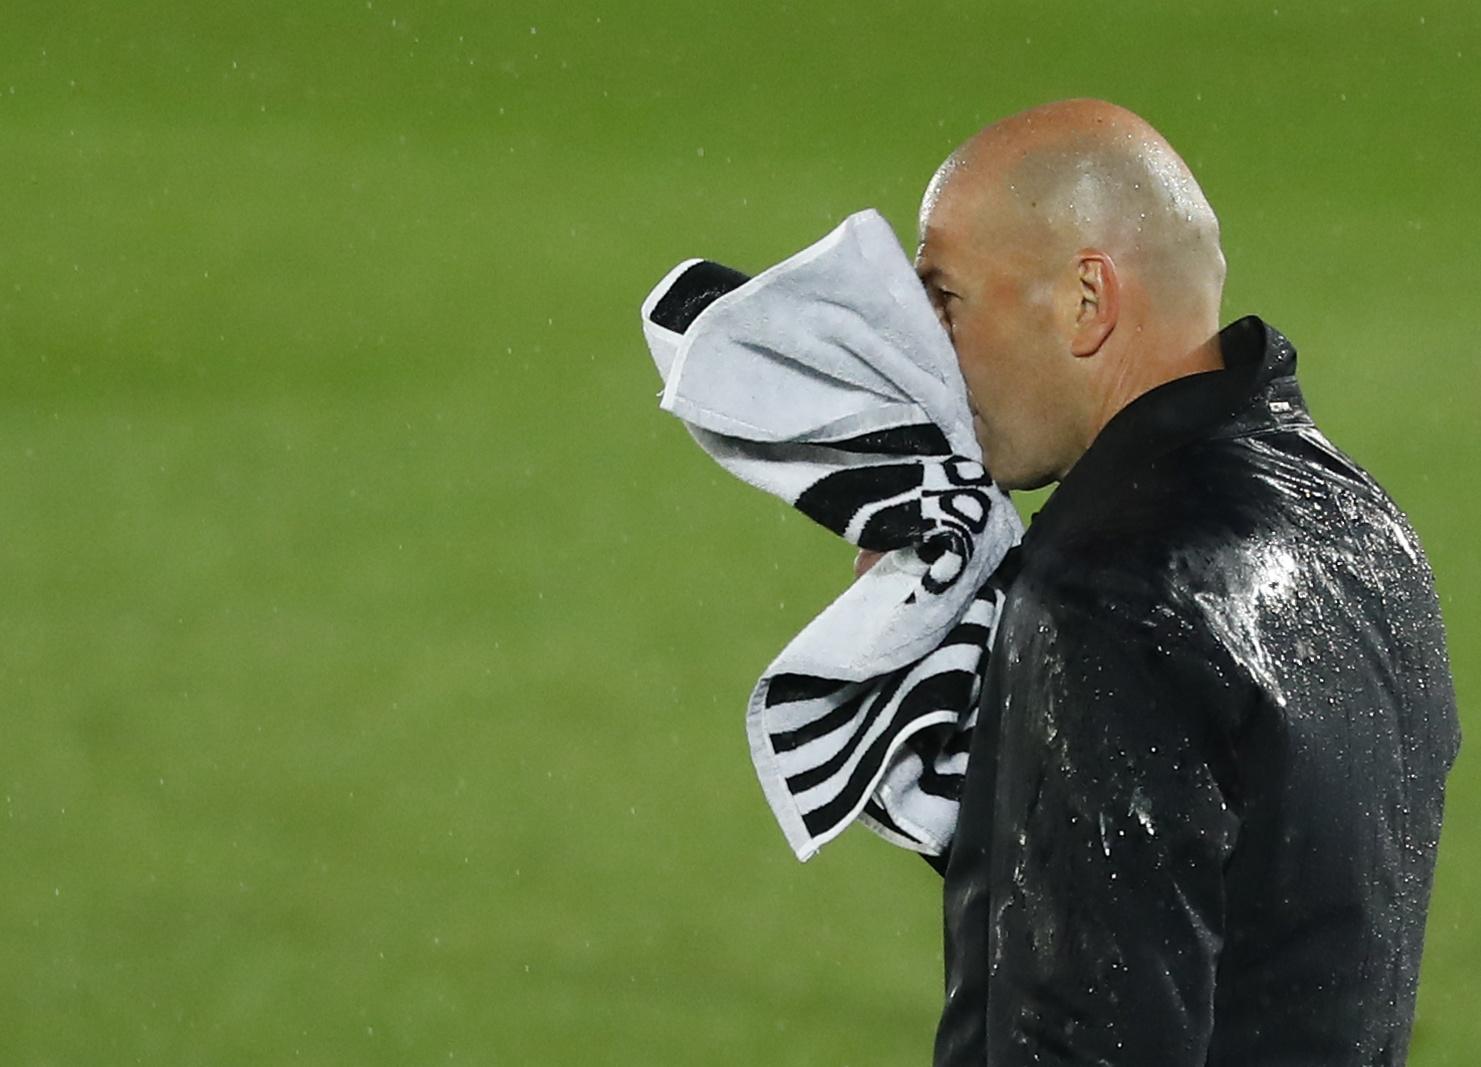 Thầy trò Zidane liên tiếp mất điểm quan trọng ở những vòng đấu gần đây tại La Liga. Ảnh: Reuters.